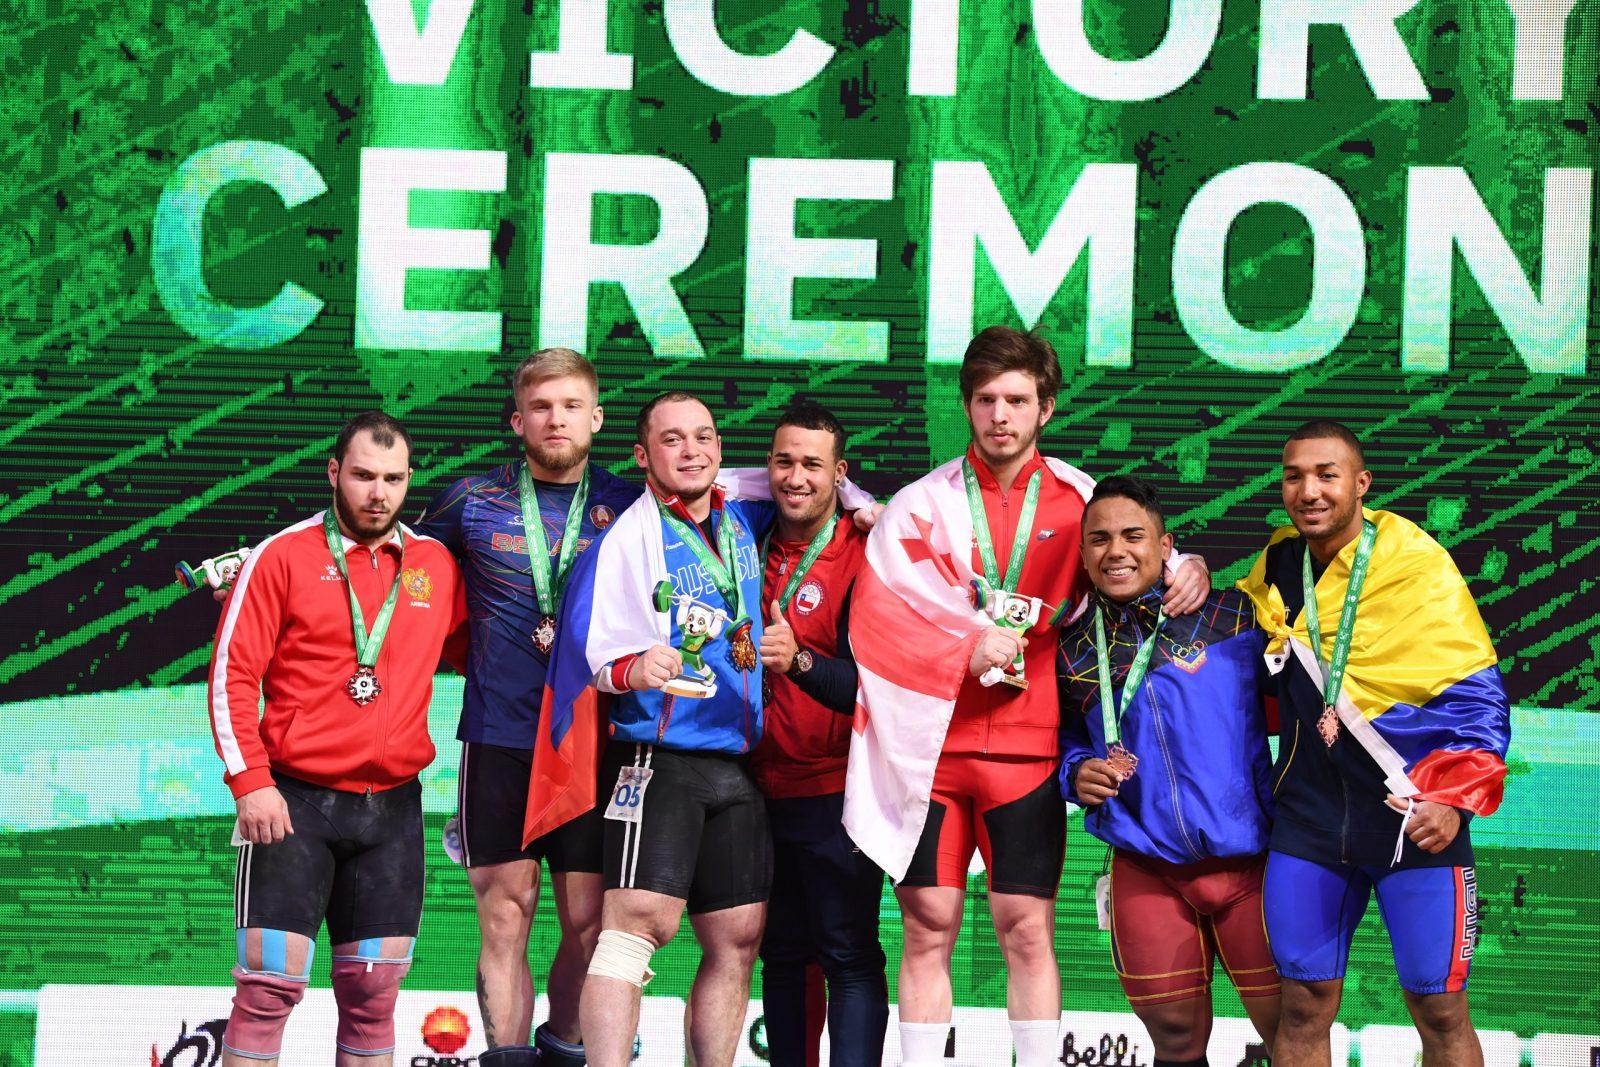 Артем Окулов принес первую золотую медаль сборной России на чемпионате мира по тяжелой атлетике в Ашхабаде